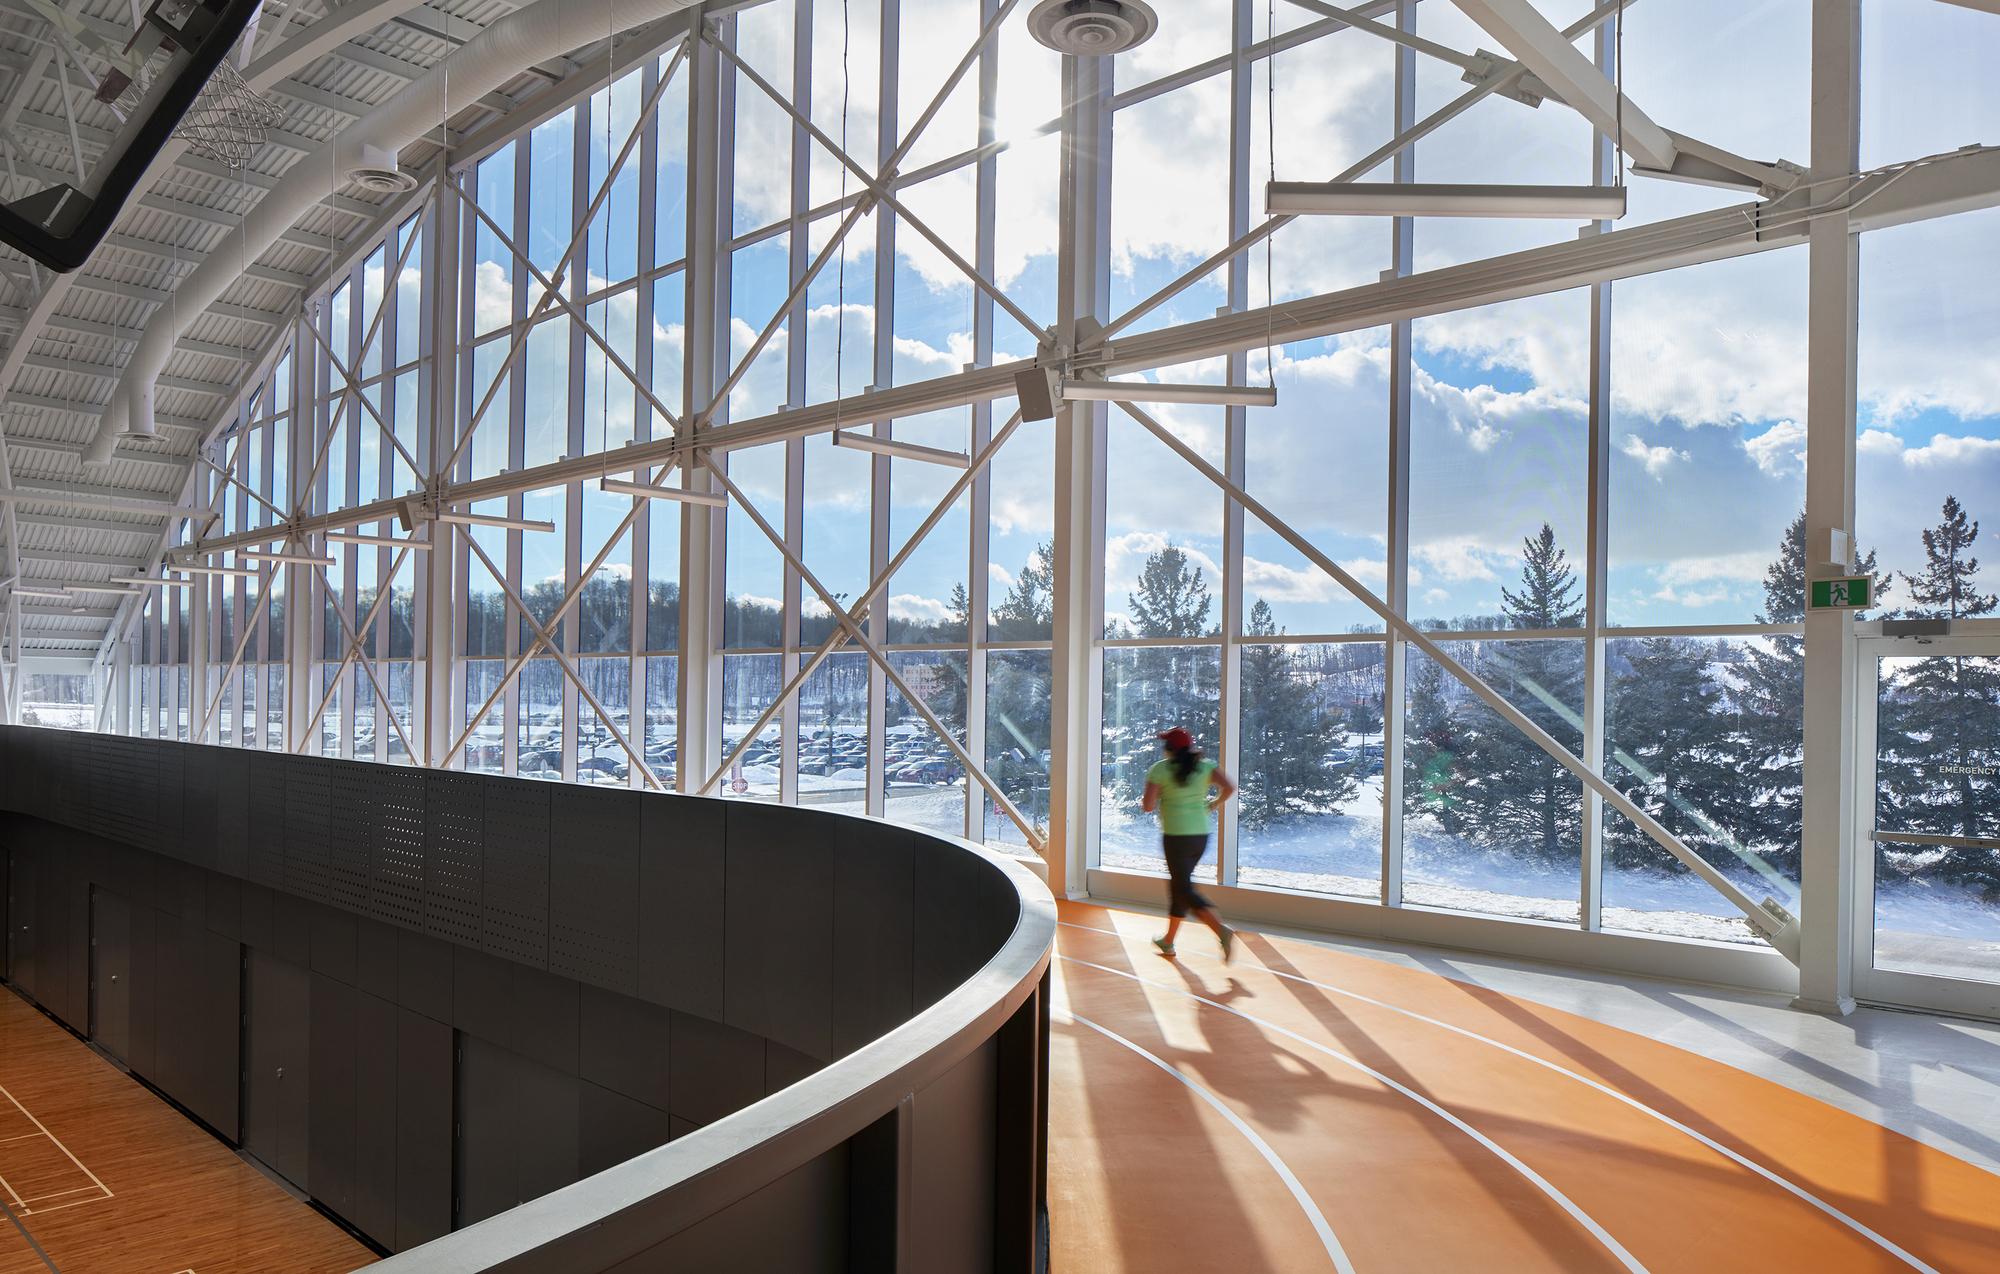 Conestoga Interior Design